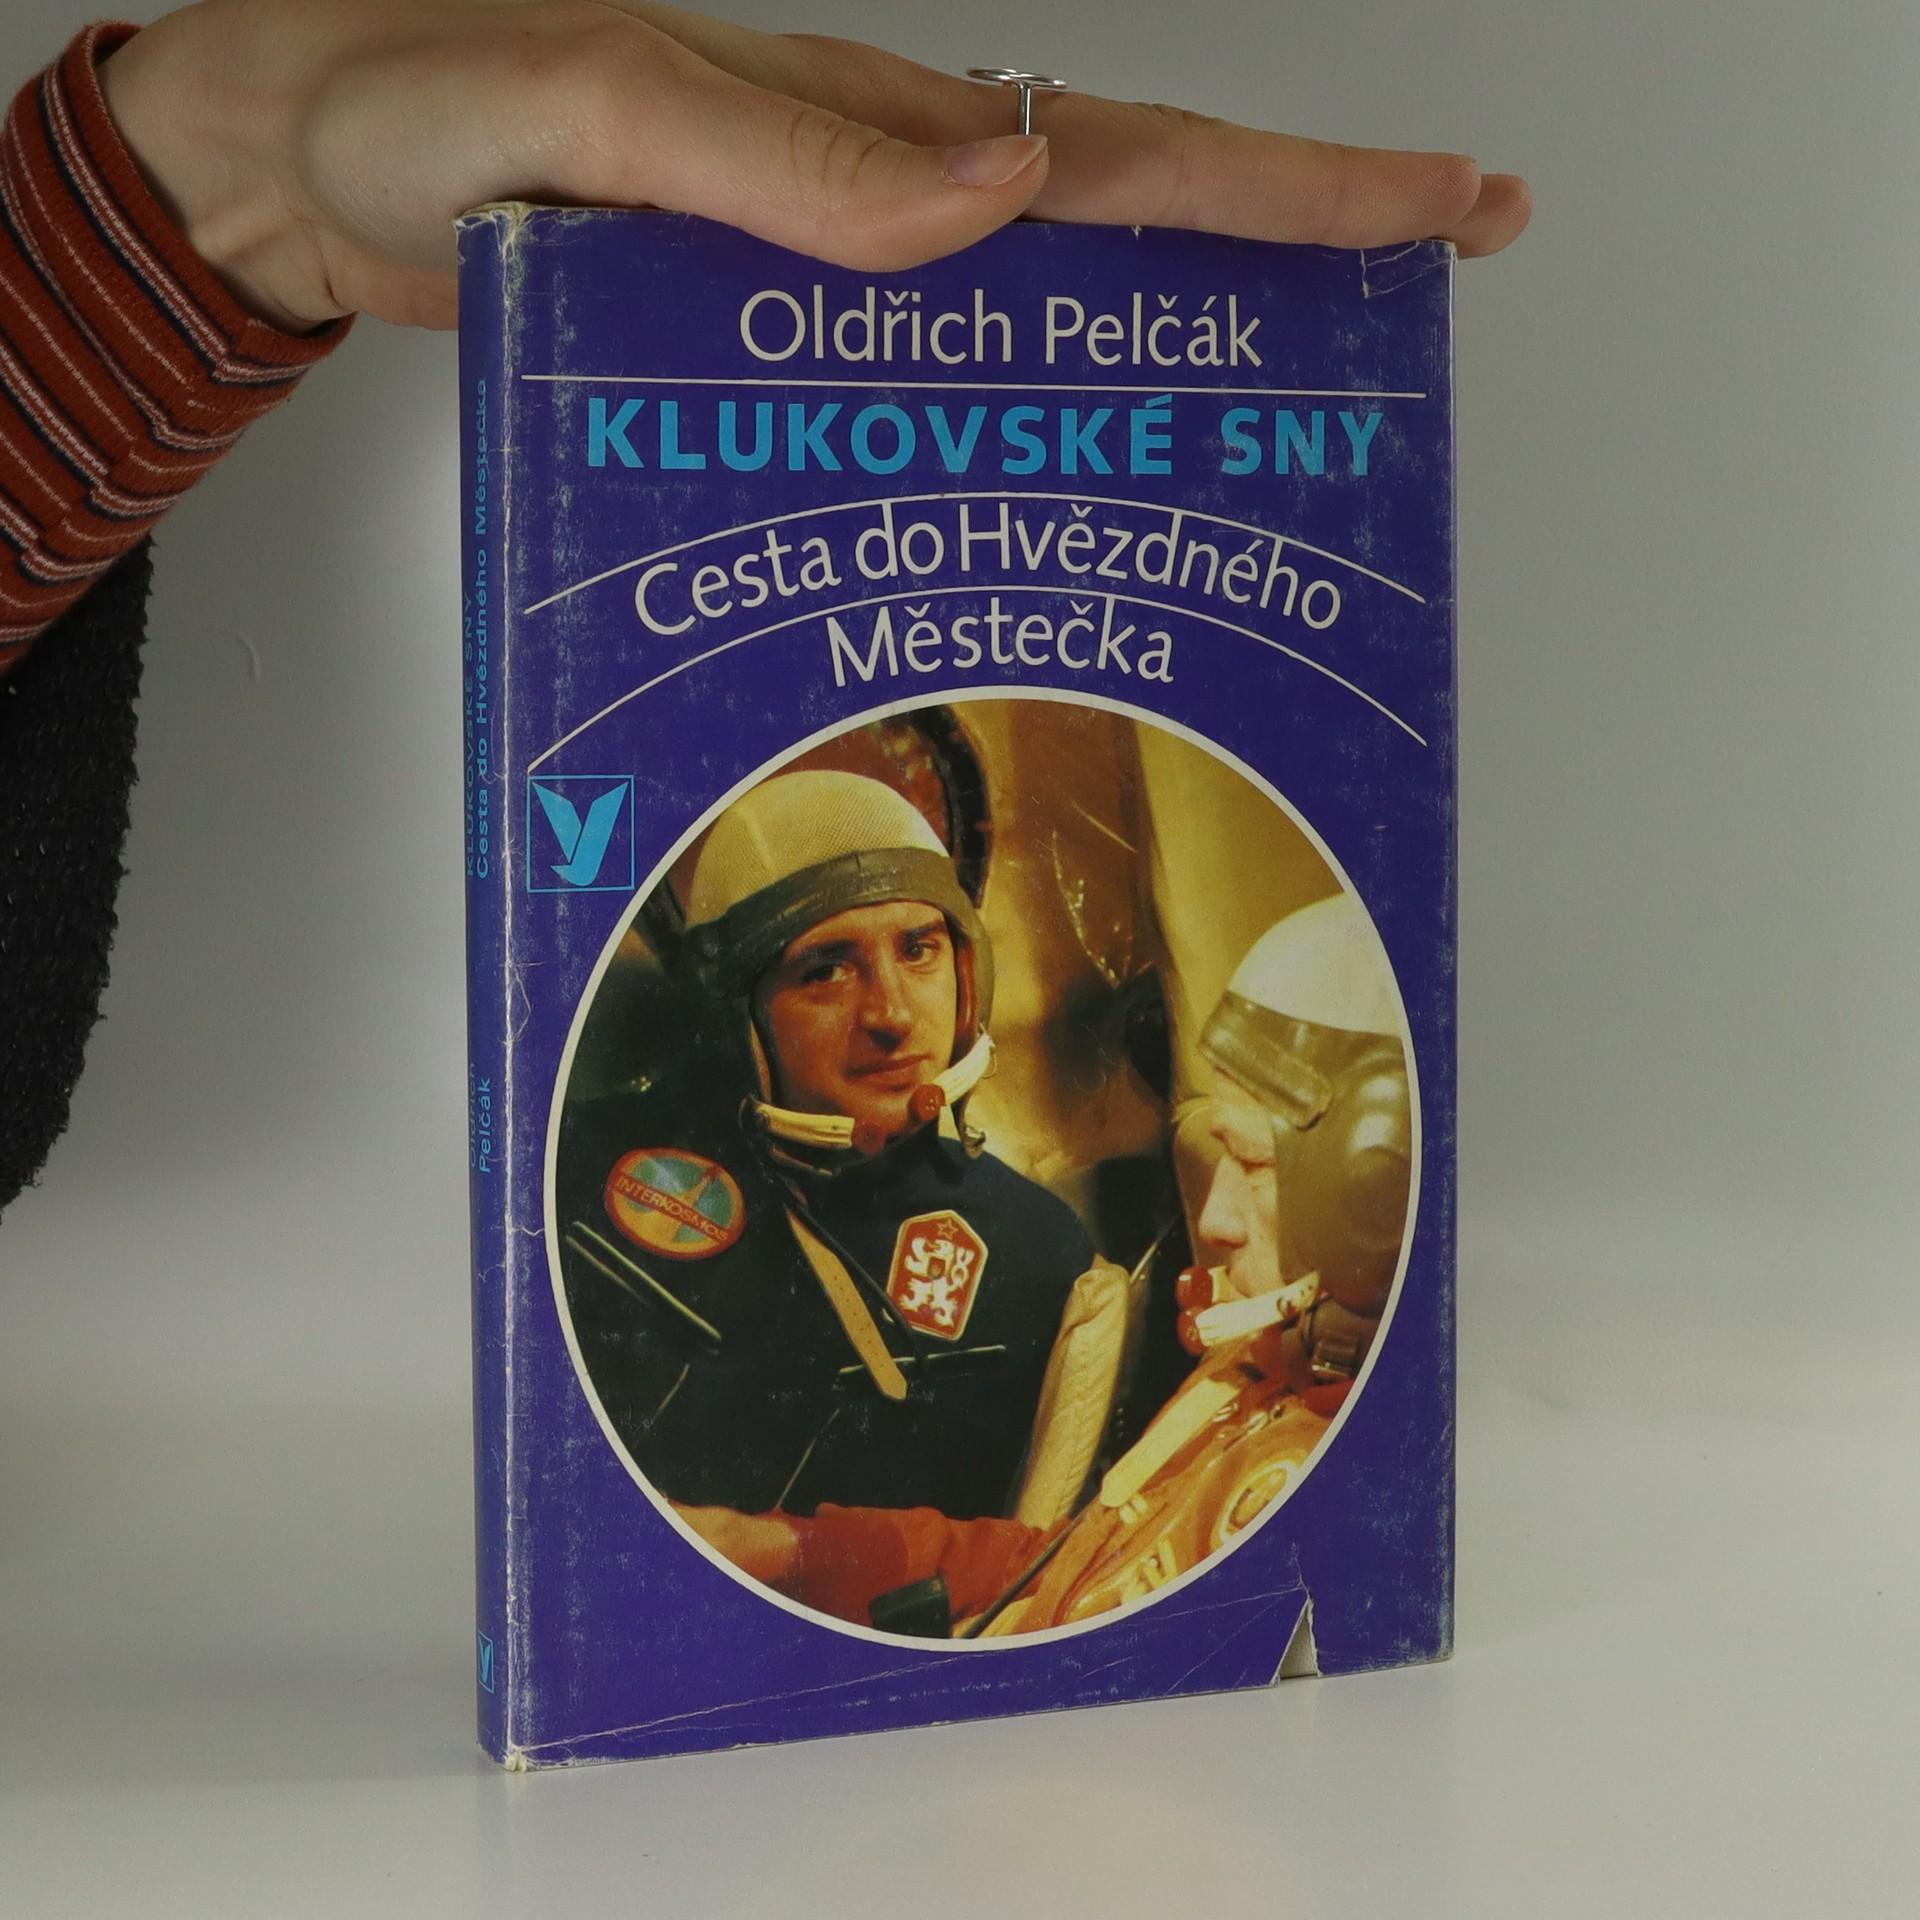 antikvární kniha Klukovské sny : Cesta do Hvězdného Městečka, 1979